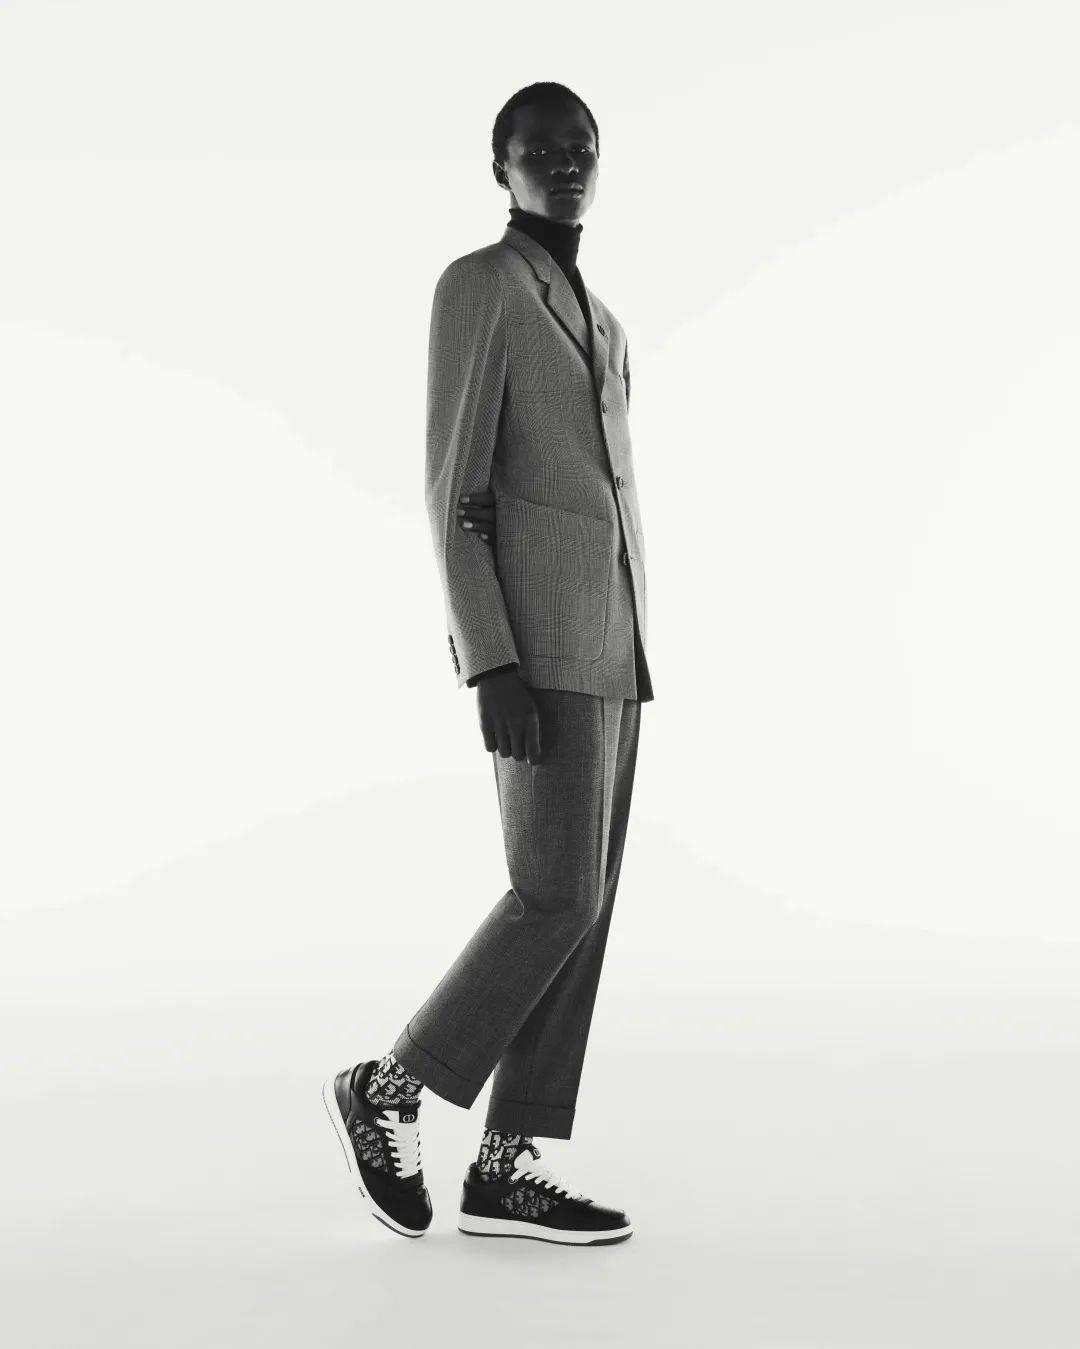 Prada全新面料设计、Balenciaga游戏发表新系列...本周时尚圈大事一览